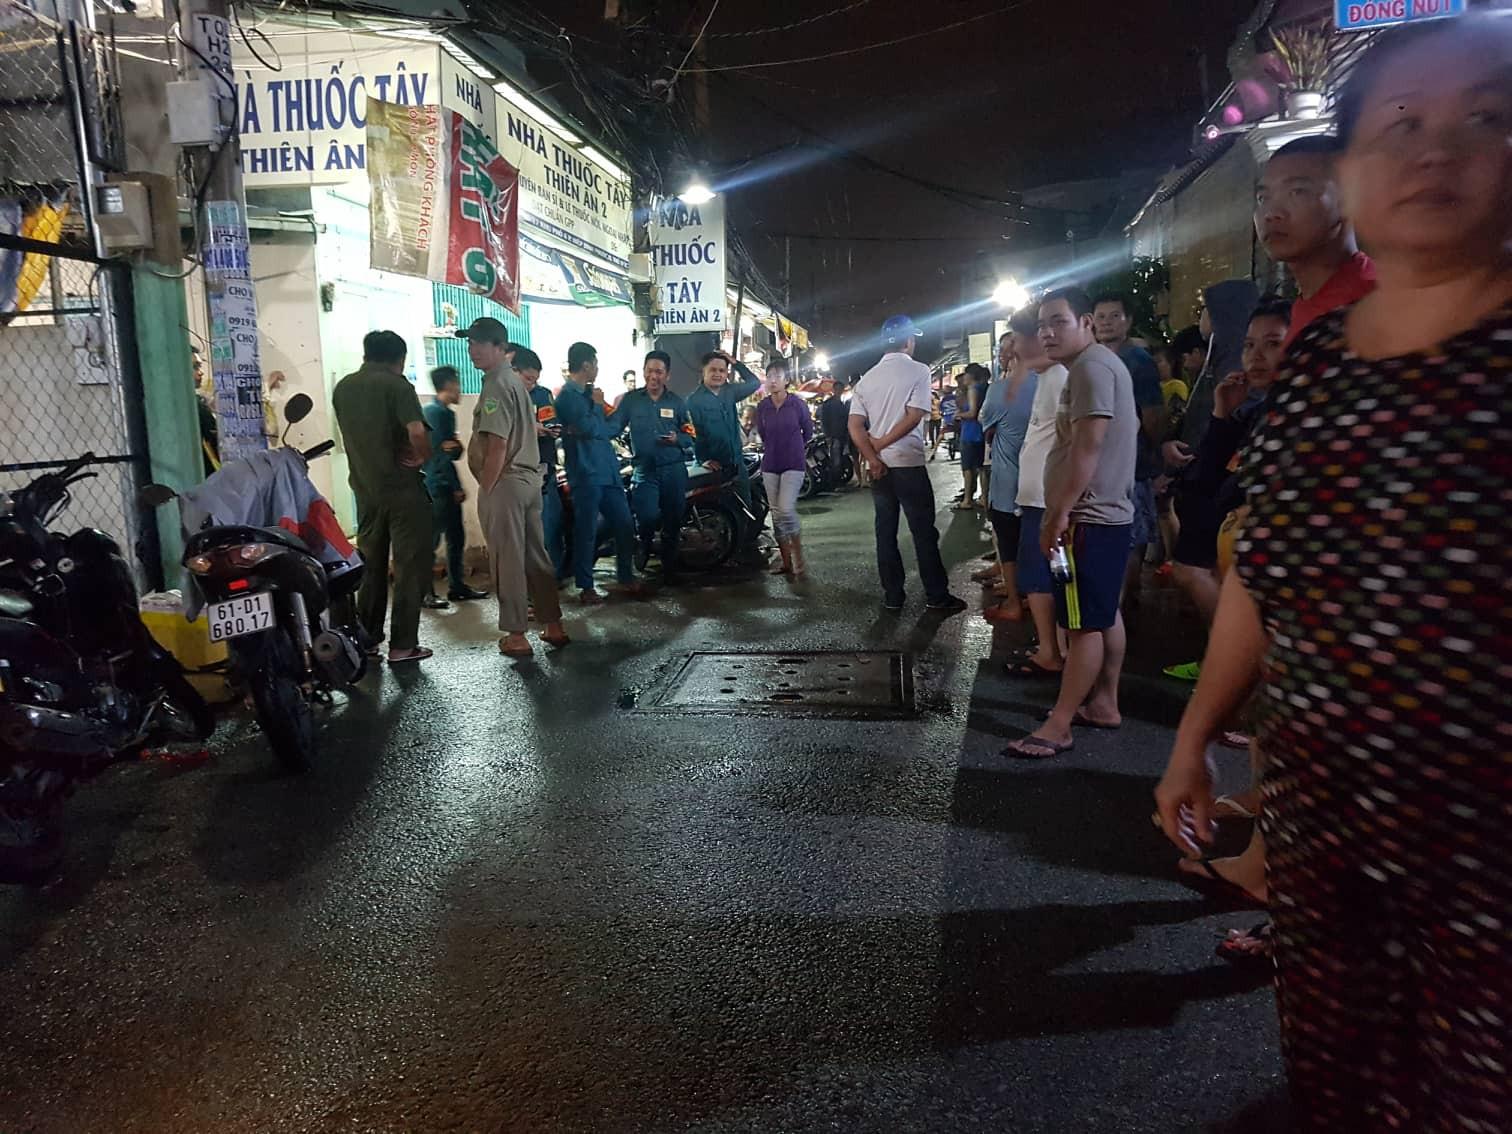 Lời khai của đối tượng sát hại dã man người phụ nữ 62 tuổi, cướp tài sản ở Sài Gòn - Ảnh 3.